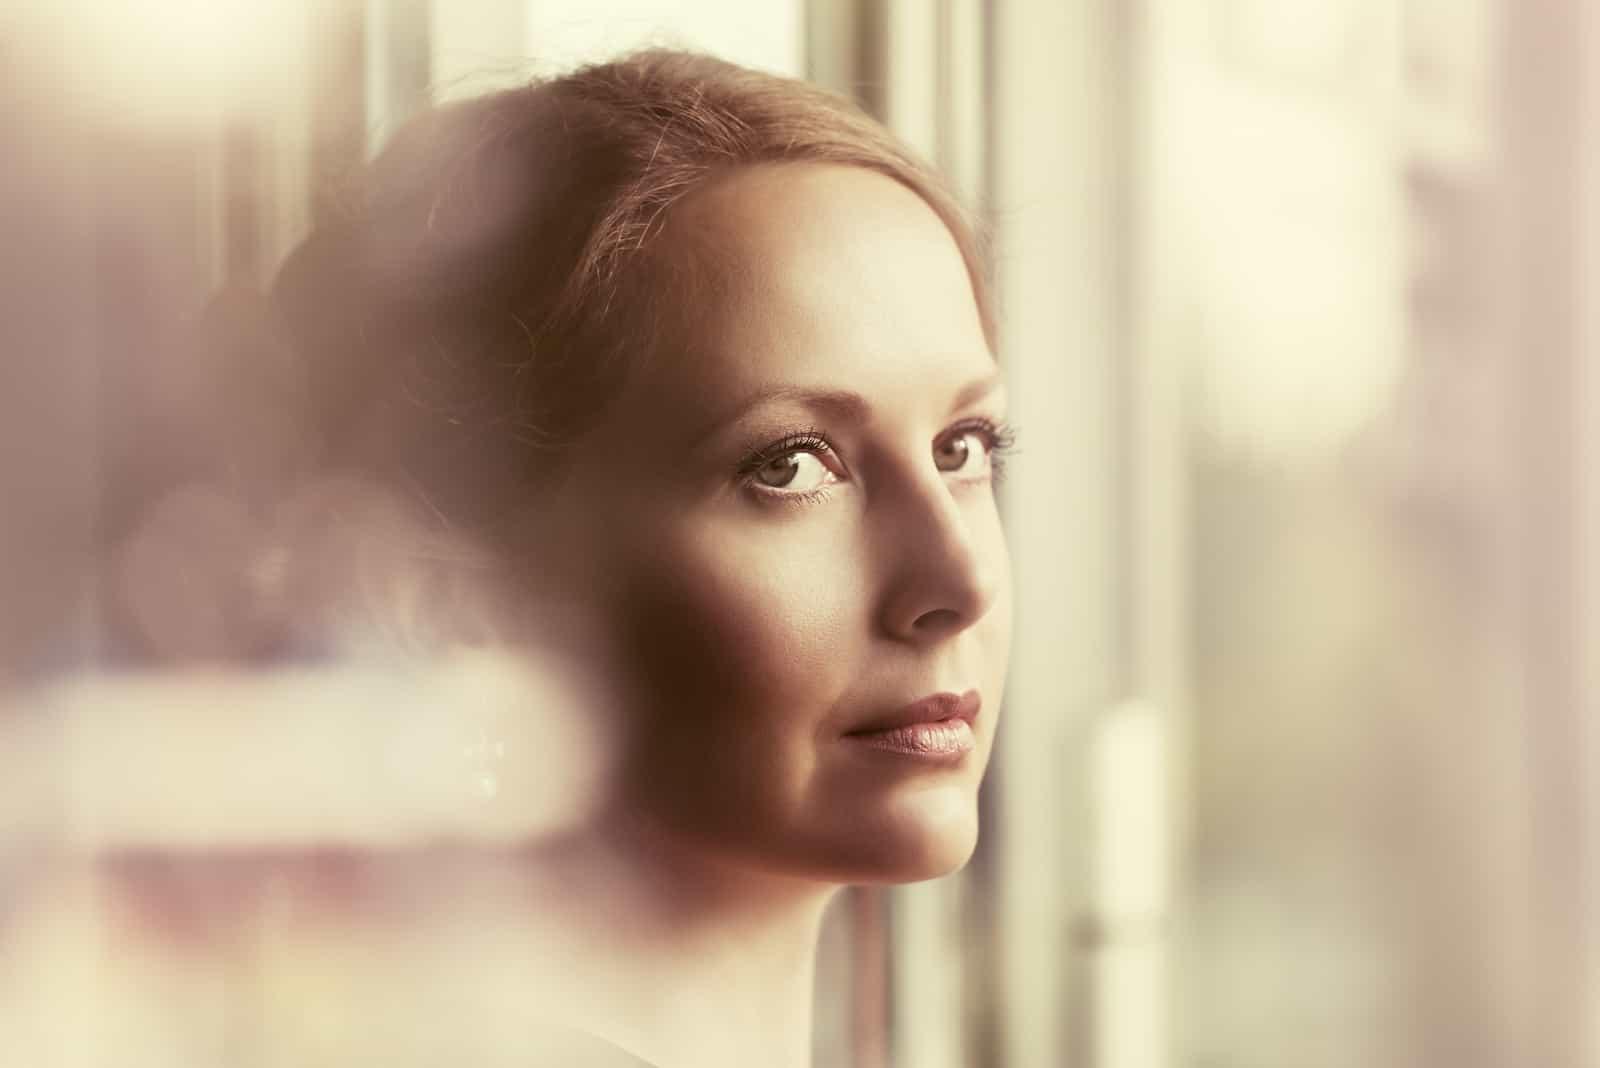 Traurige schöne Frau, die aus dem Fenster schaut